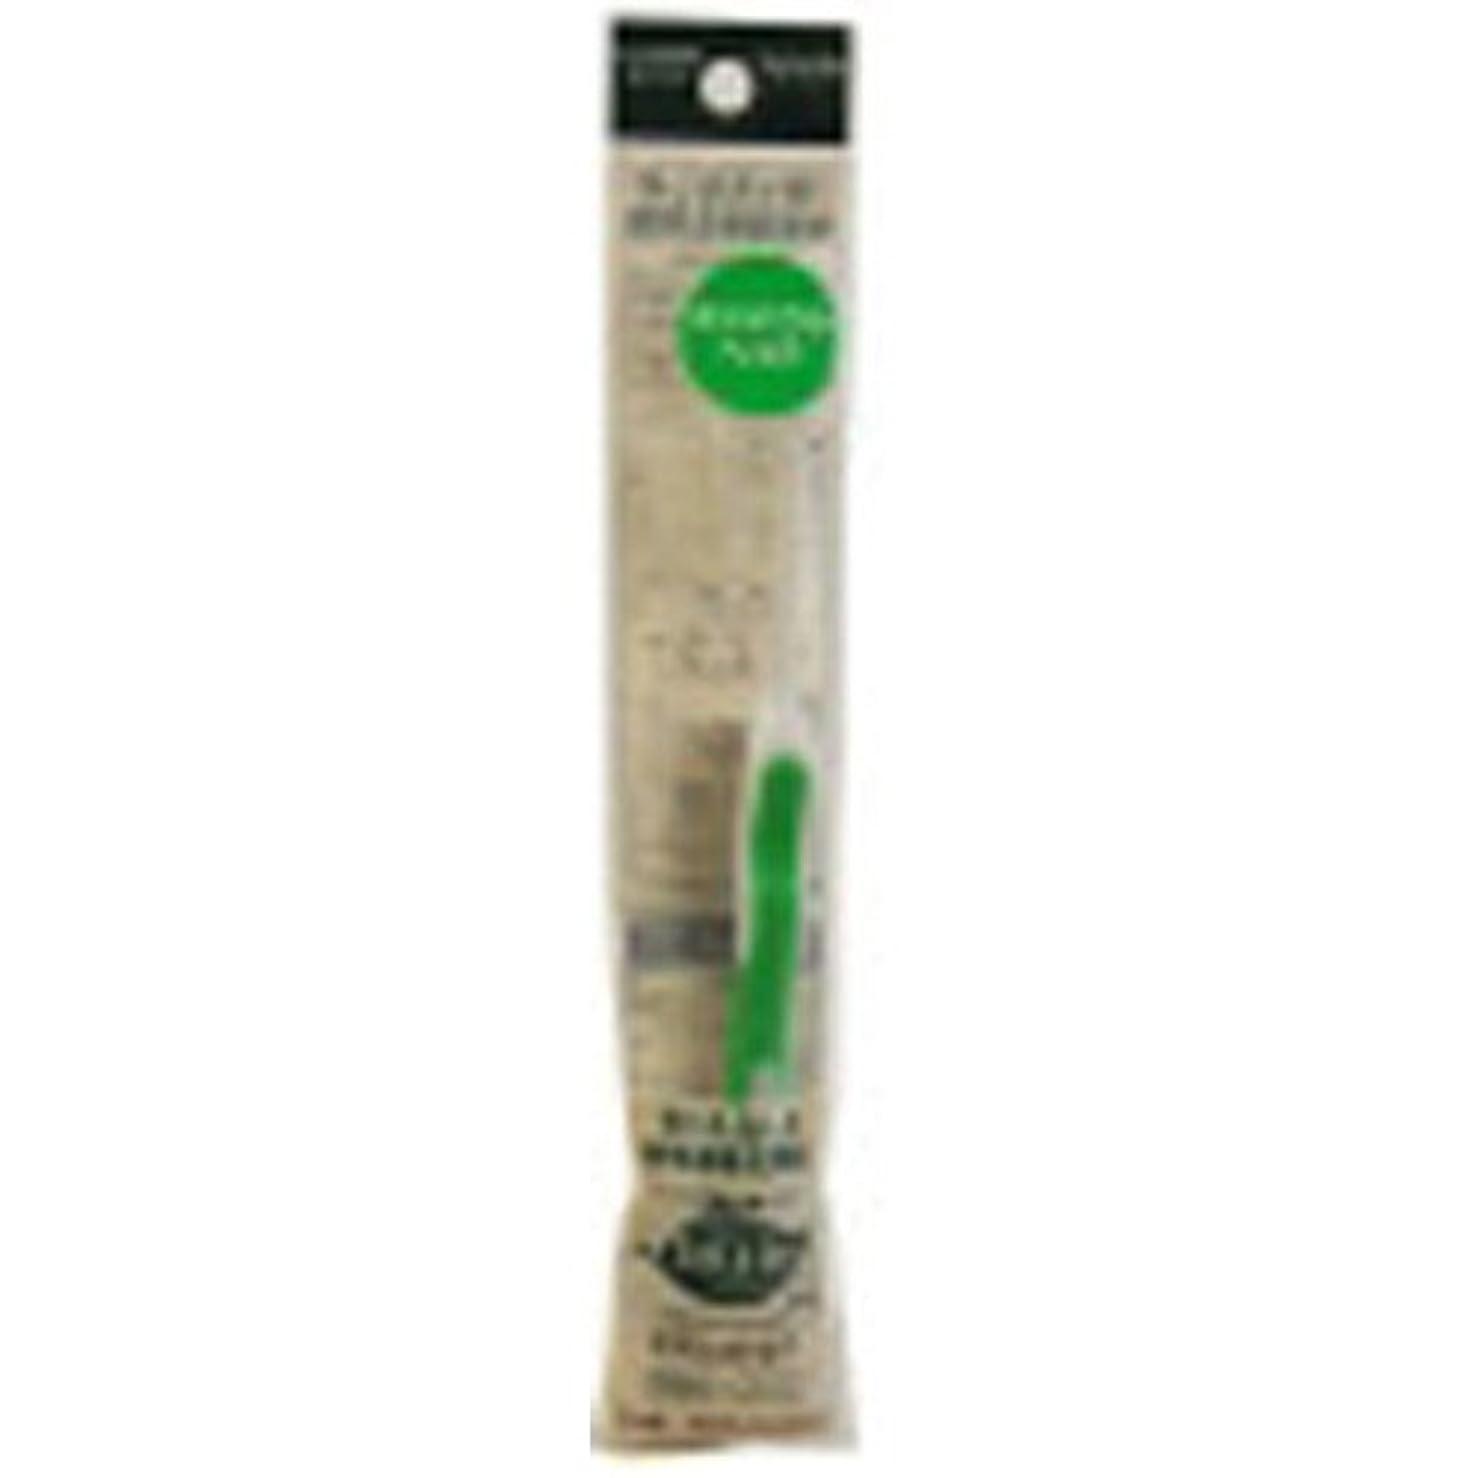 店員気づくホバーサレド ヘッド交換式歯ブラシ お試しセット コンパクトヘッド グリーン